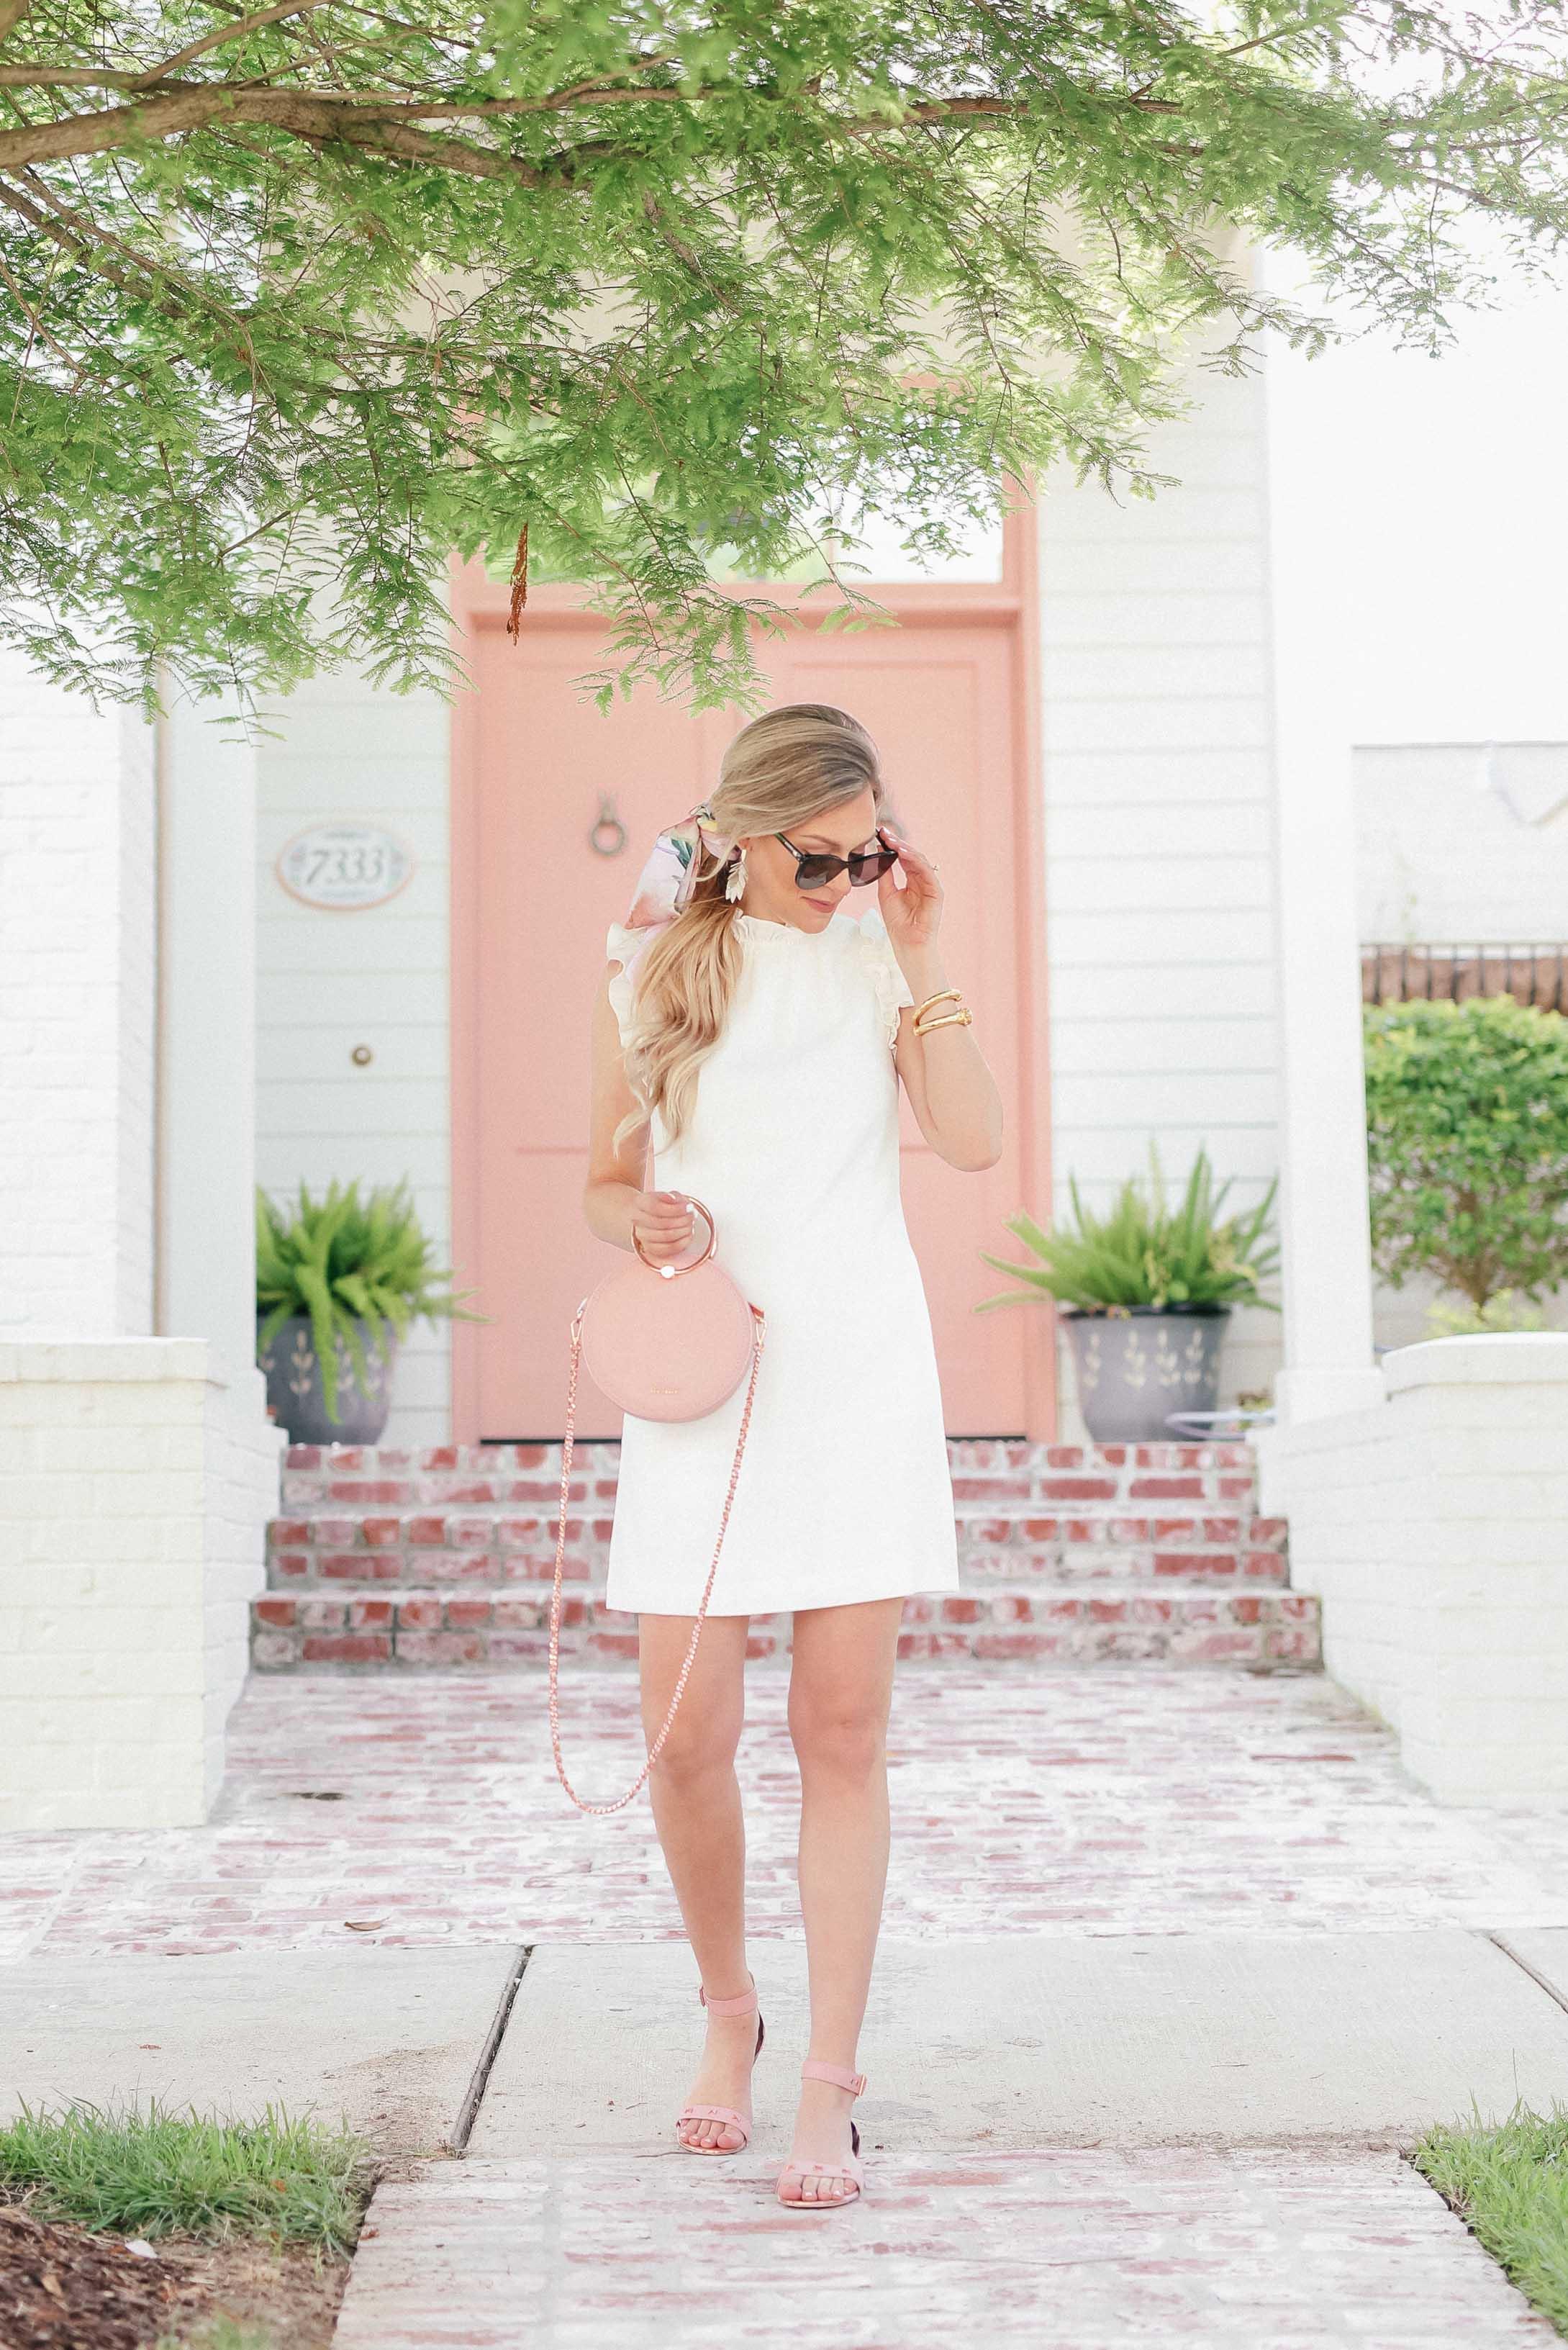 d9bdd52f2dc5 ... Little White Dress for Summer | Ted Baker White Ruffle Dress ...